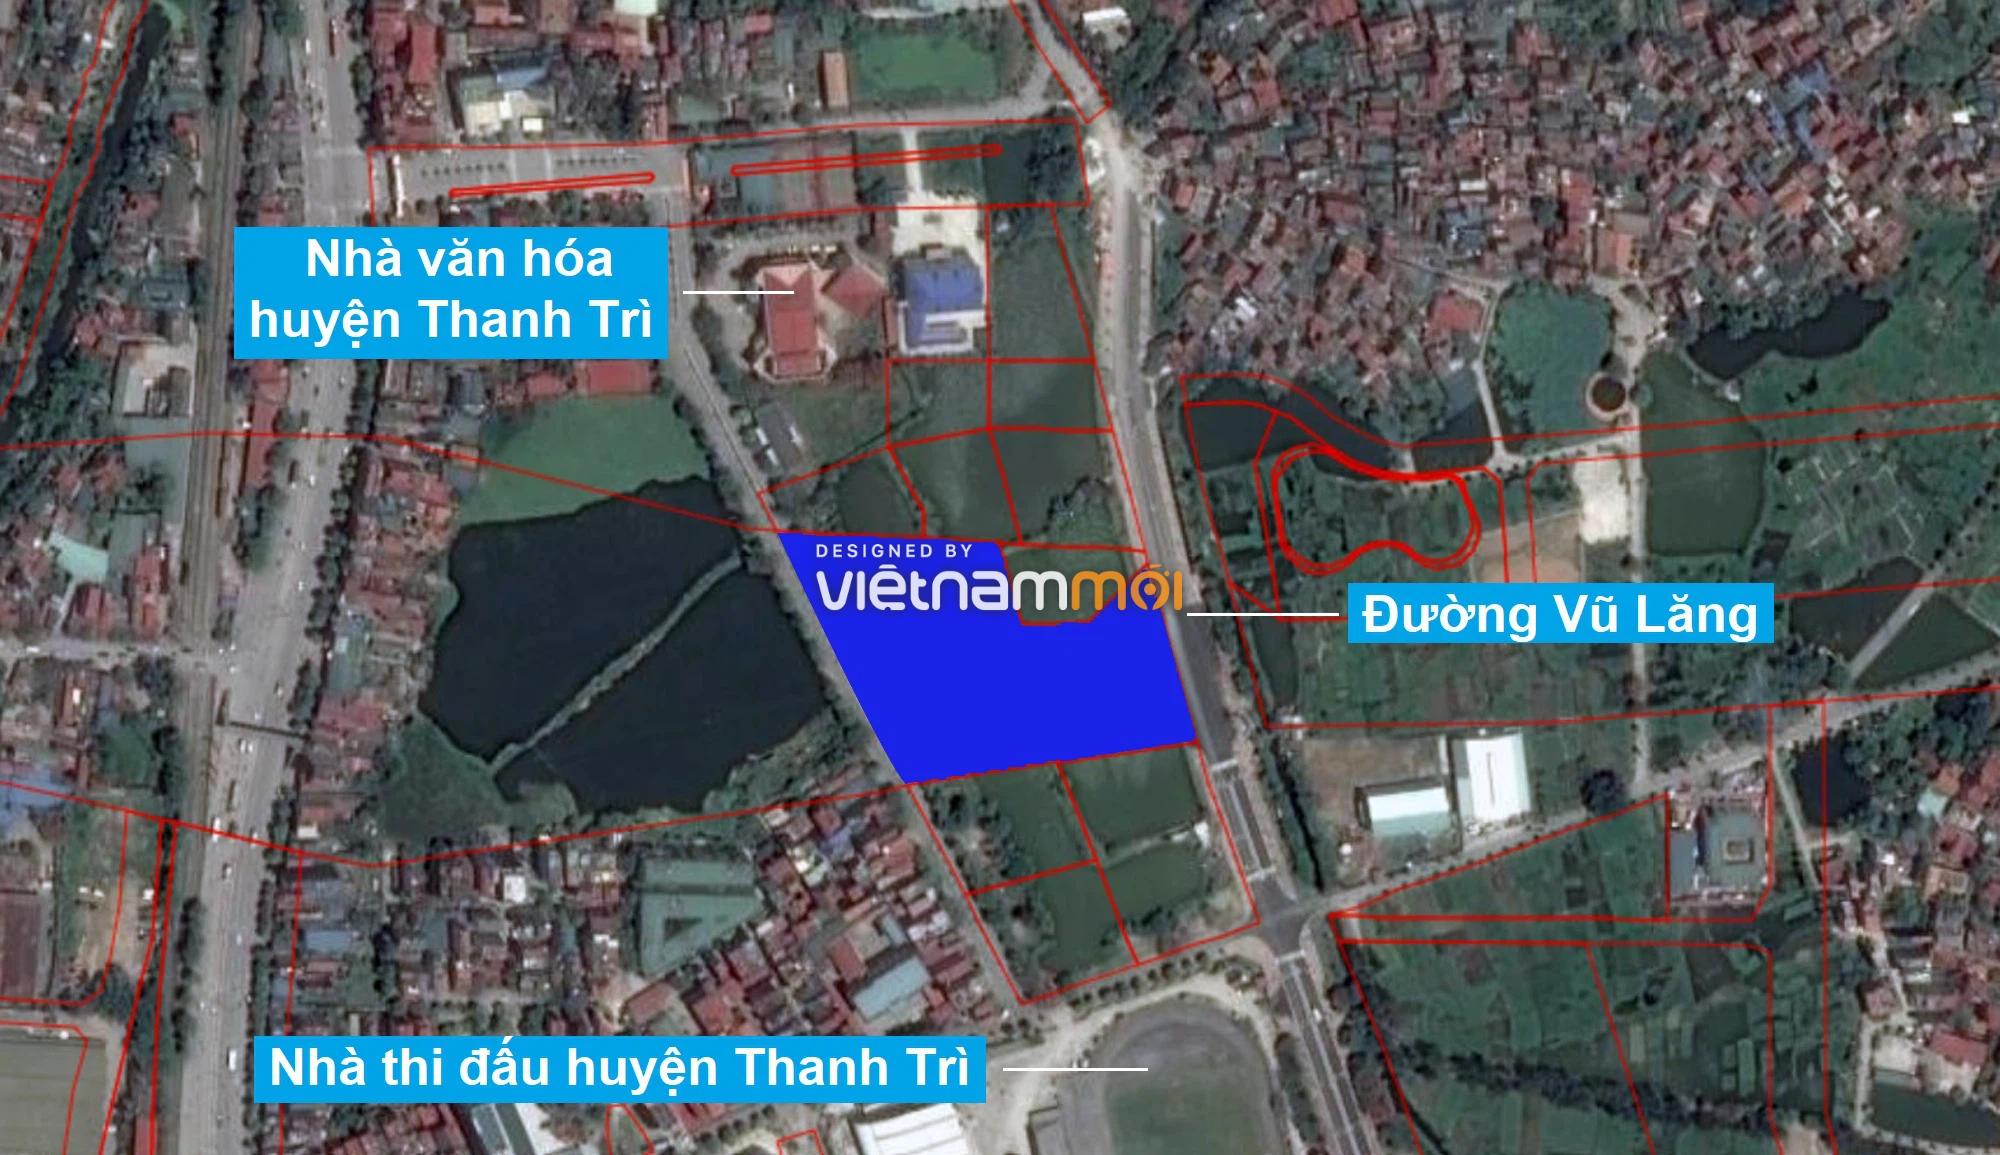 Những khu đất sắp thu hồi để mở đường ở xã Tứ Hiệp, Thanh Trì, Hà Nội (phần 2) - Ảnh 9.